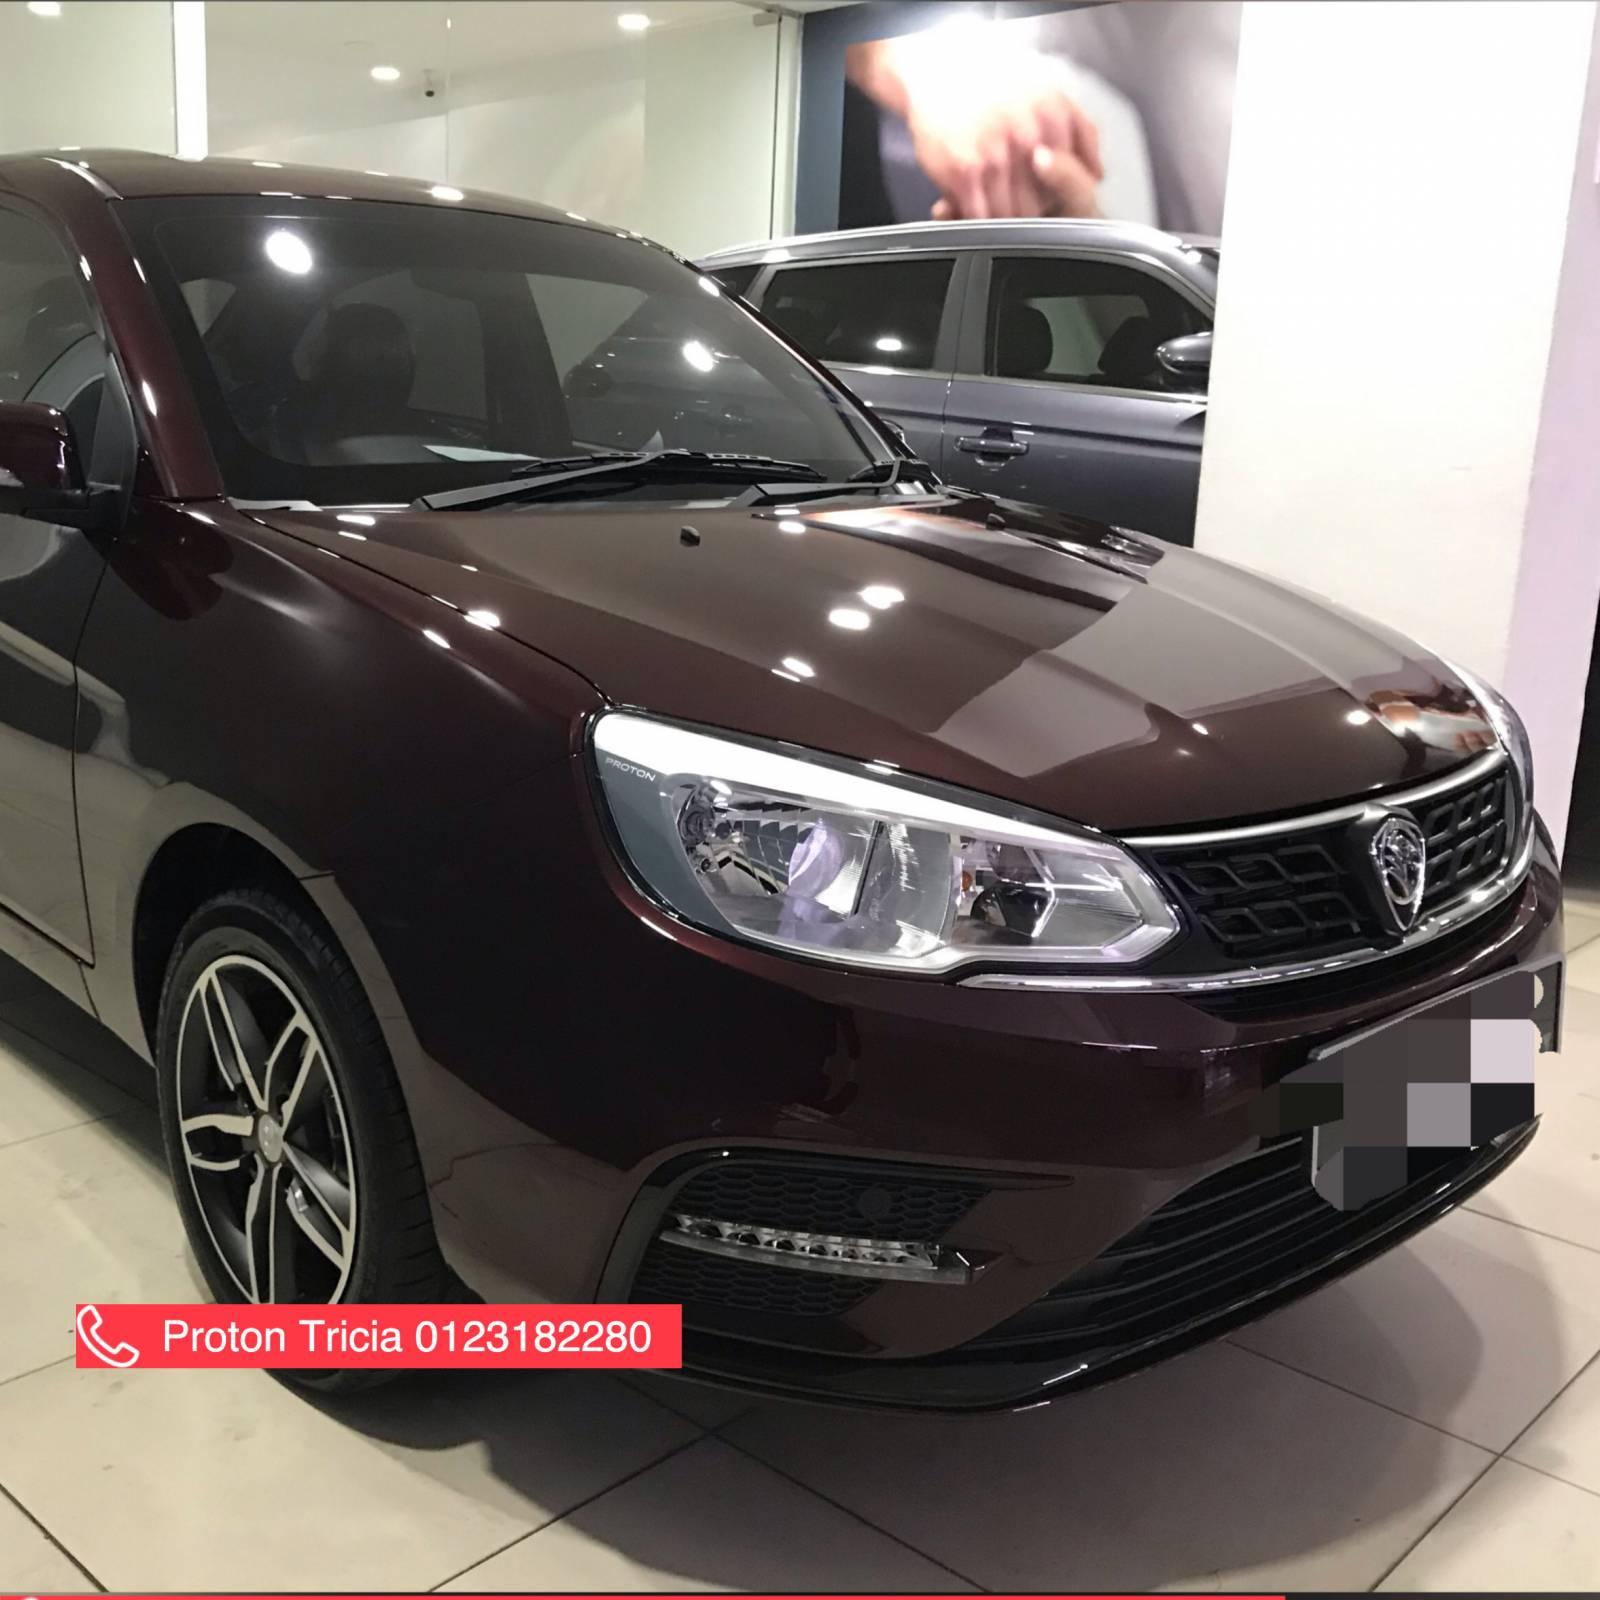 2020 Proton Saga 1.3 Standard AT